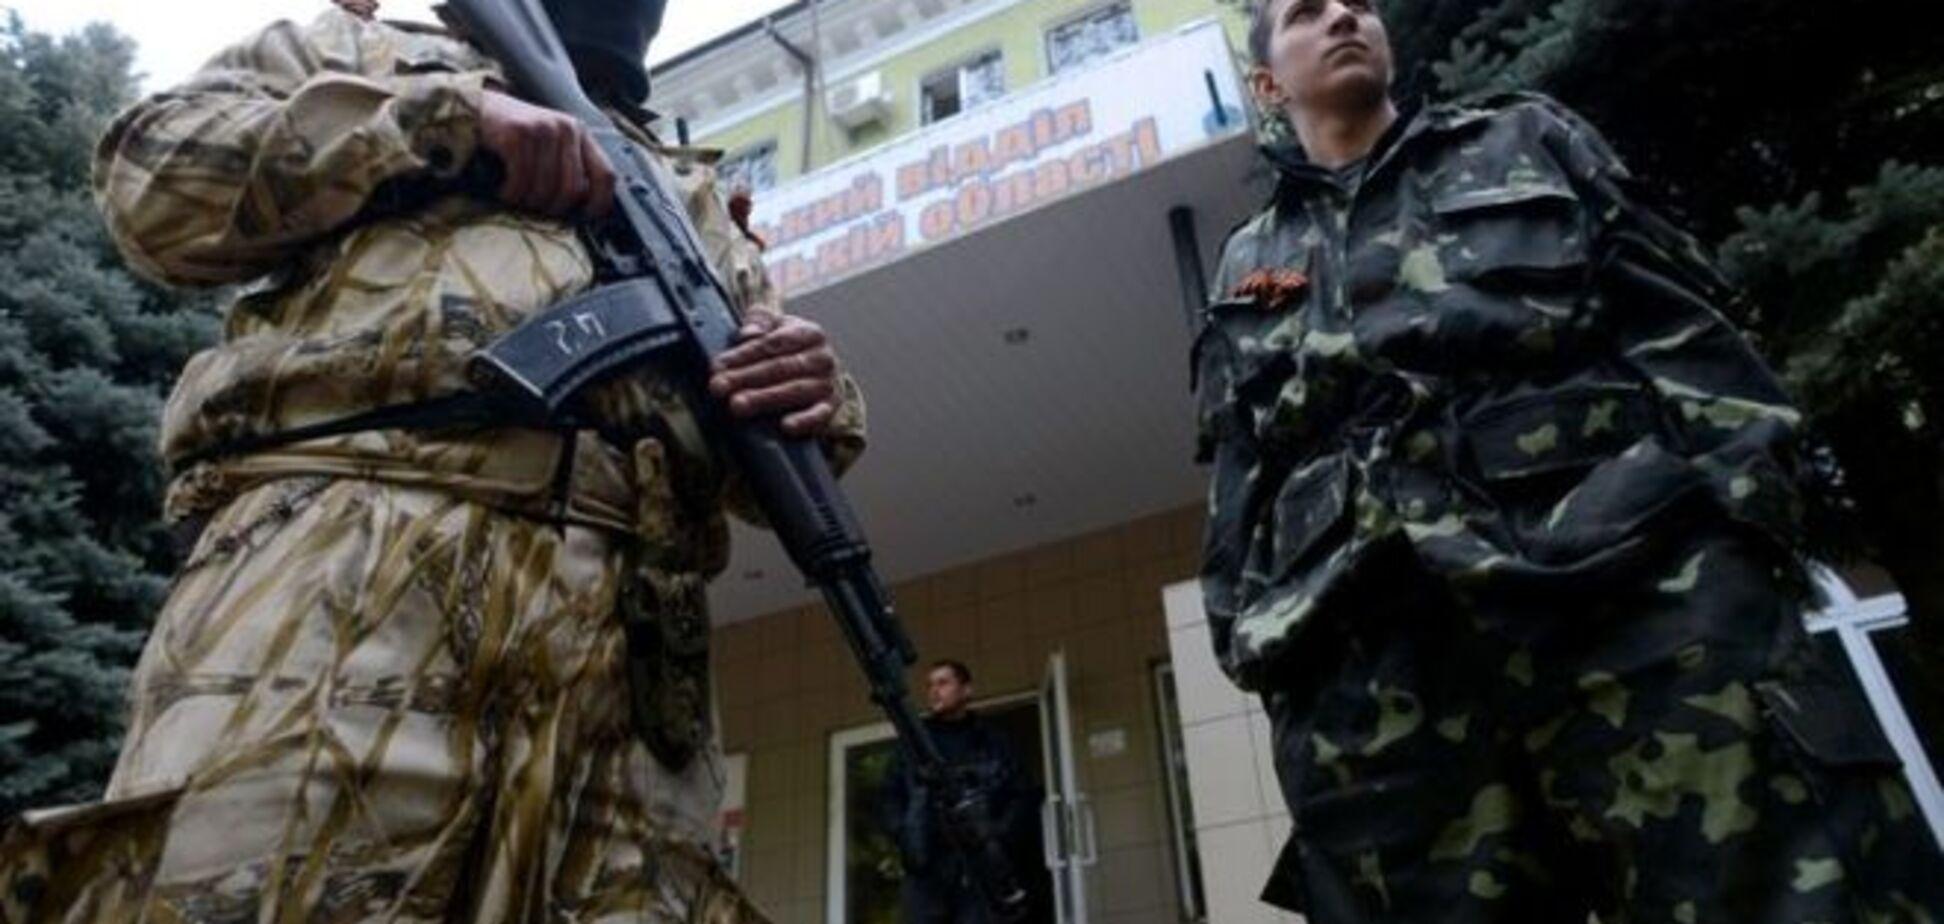 В Краматорске люди в камуфляже ограбили магазин мобильной связи